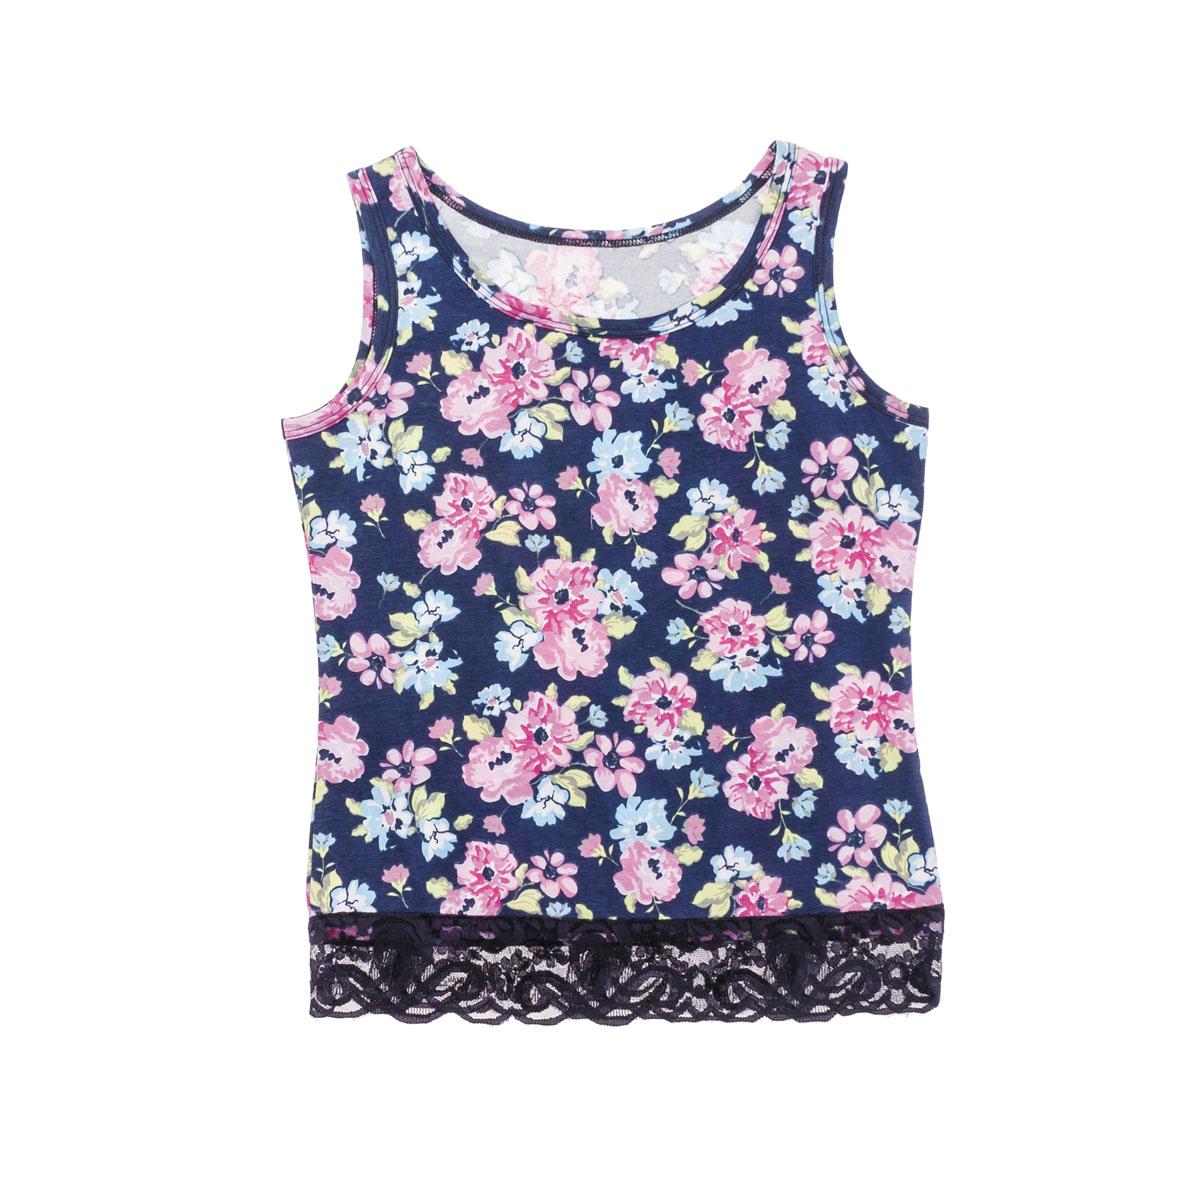 Майка для девочек. 264011264011Стильная майка темно-синего цвета в цветочек. Низ украшен кружевами. Хорошо смотрится и с юбочками, и с брюками.